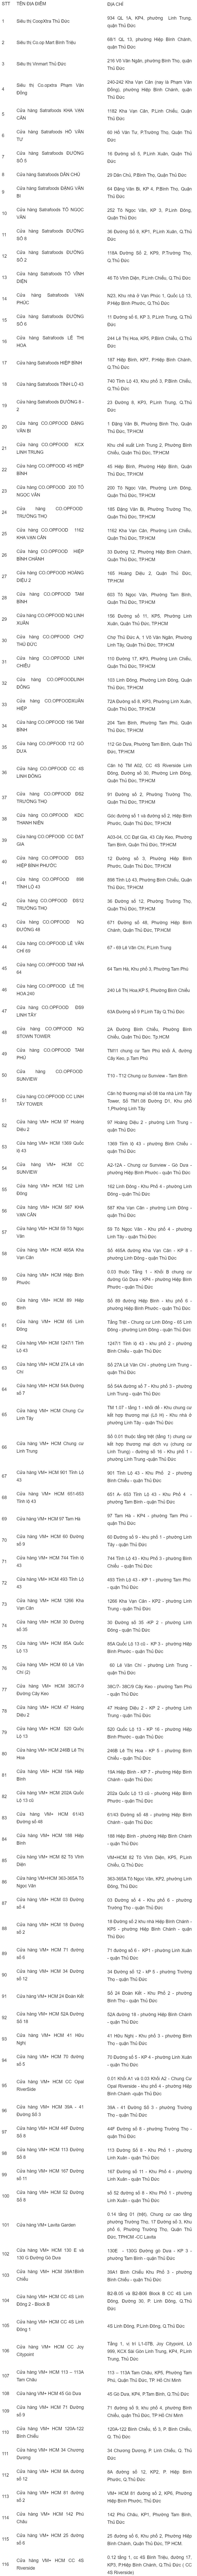 danh sách địa điểm bán khẩu trang quận thủ đức